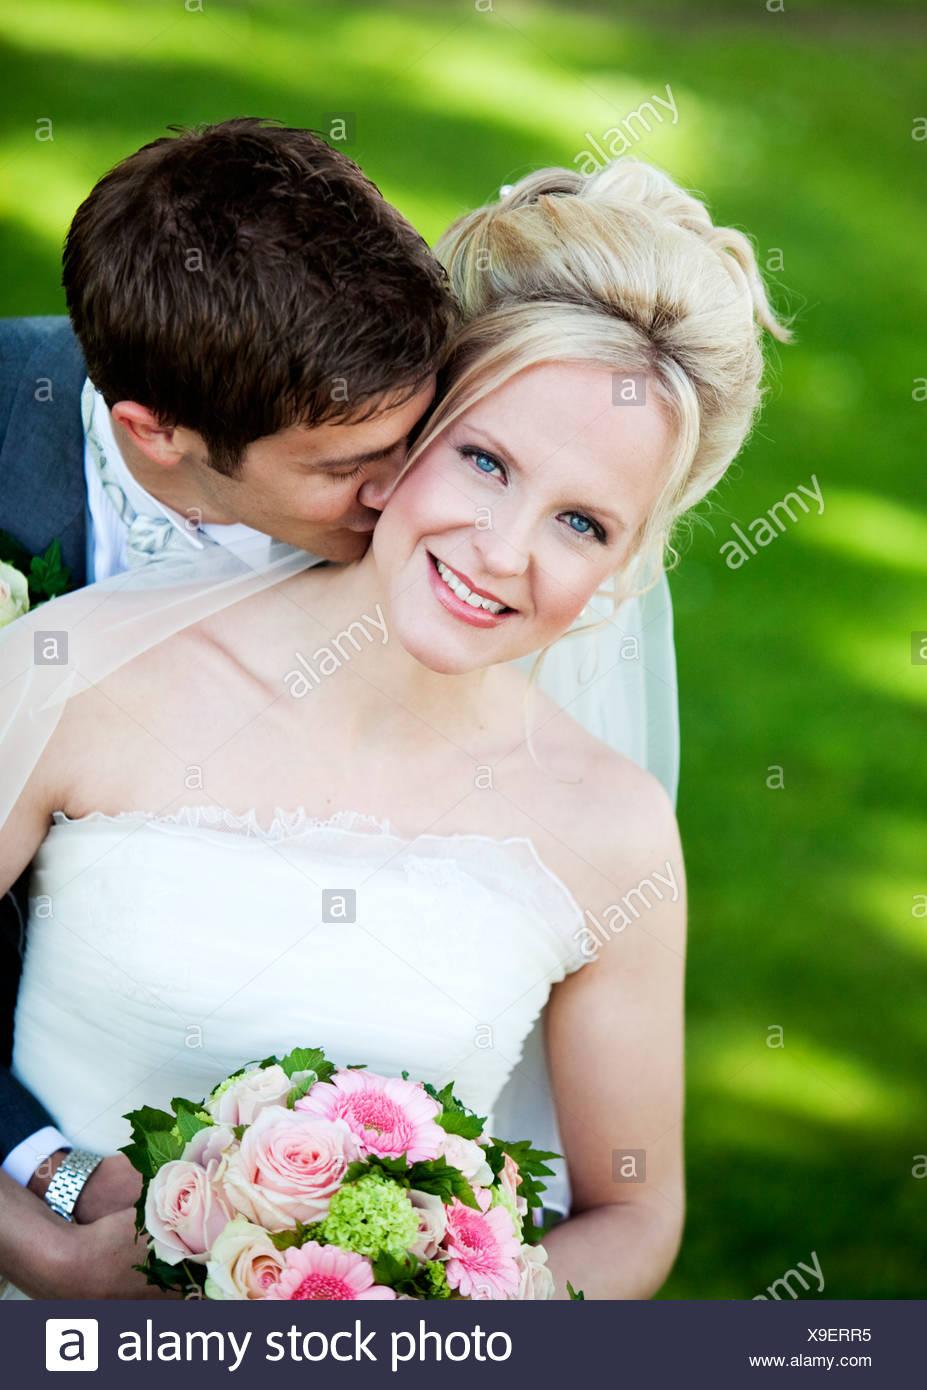 Faire L Amour Par Derrière : faire, amour, derrière, Faire, Place, Marié, Mariée, Baiser, Derrière, Photo, Stock, Alamy